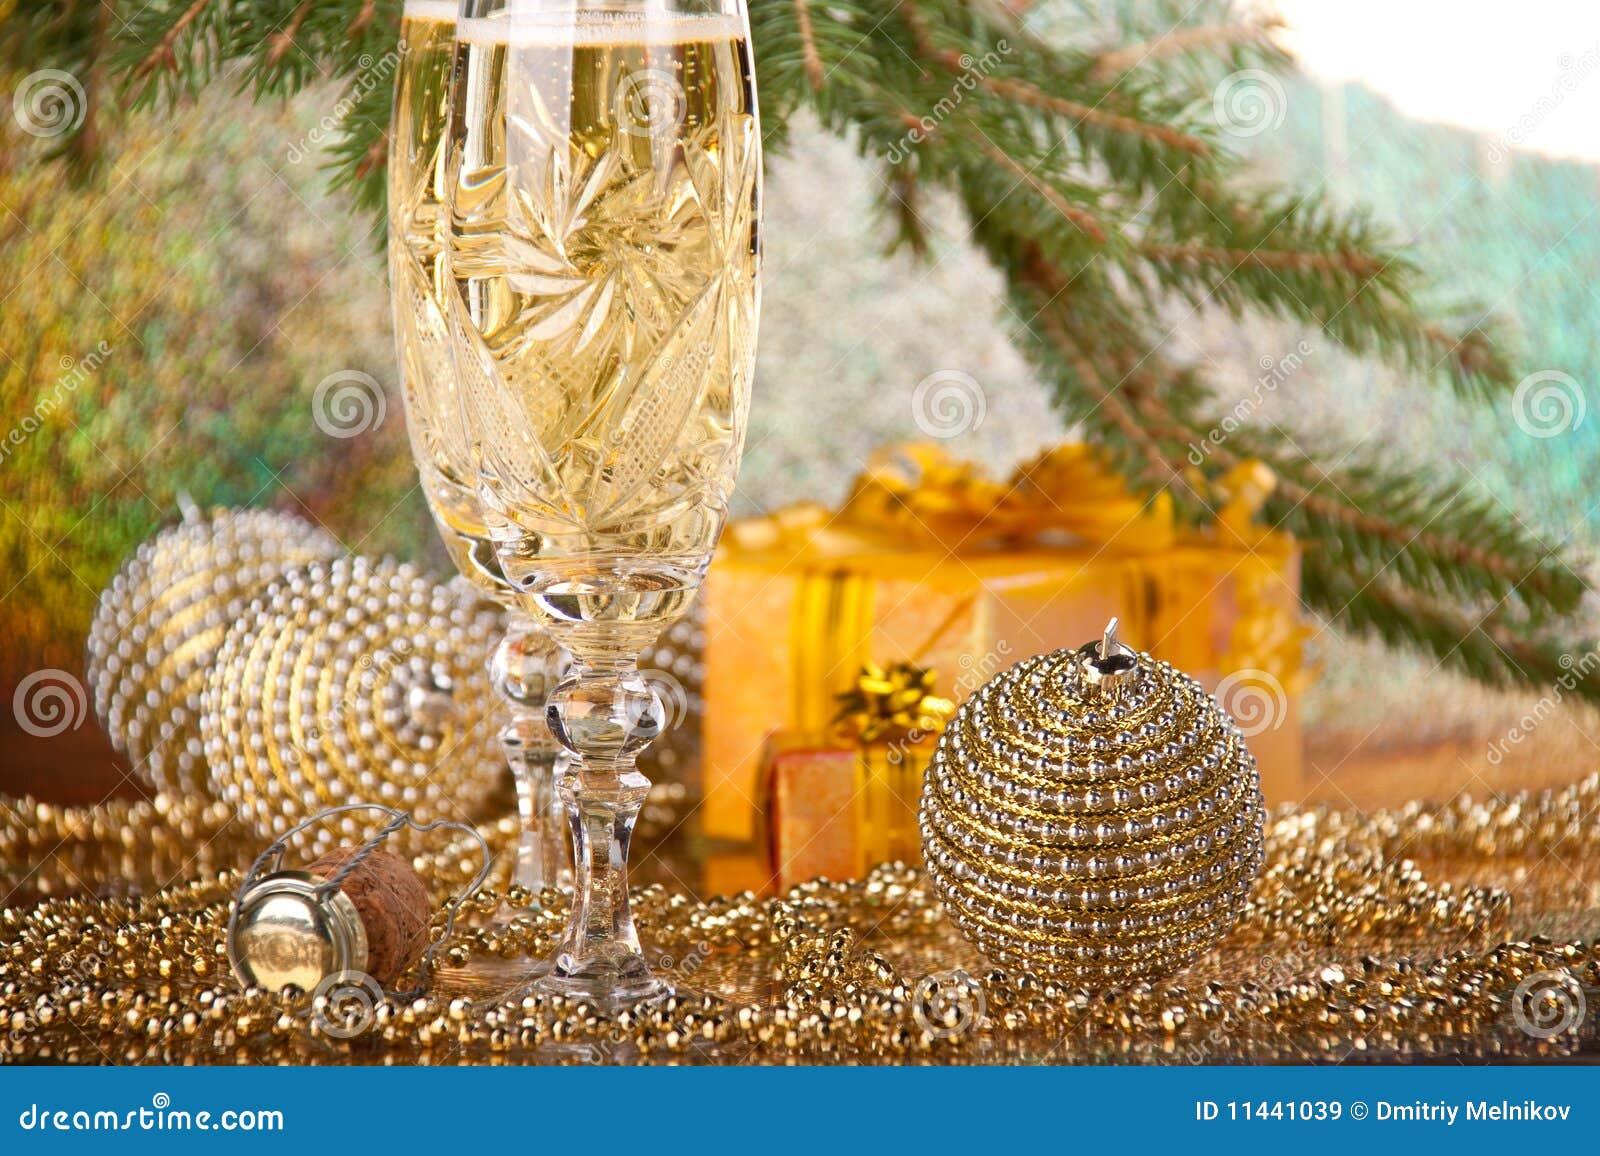 De decoratie van het nieuwjaar en van kerstmis royalty vrije stock afbeeldingen afbeelding - Decoratie van de villas ...